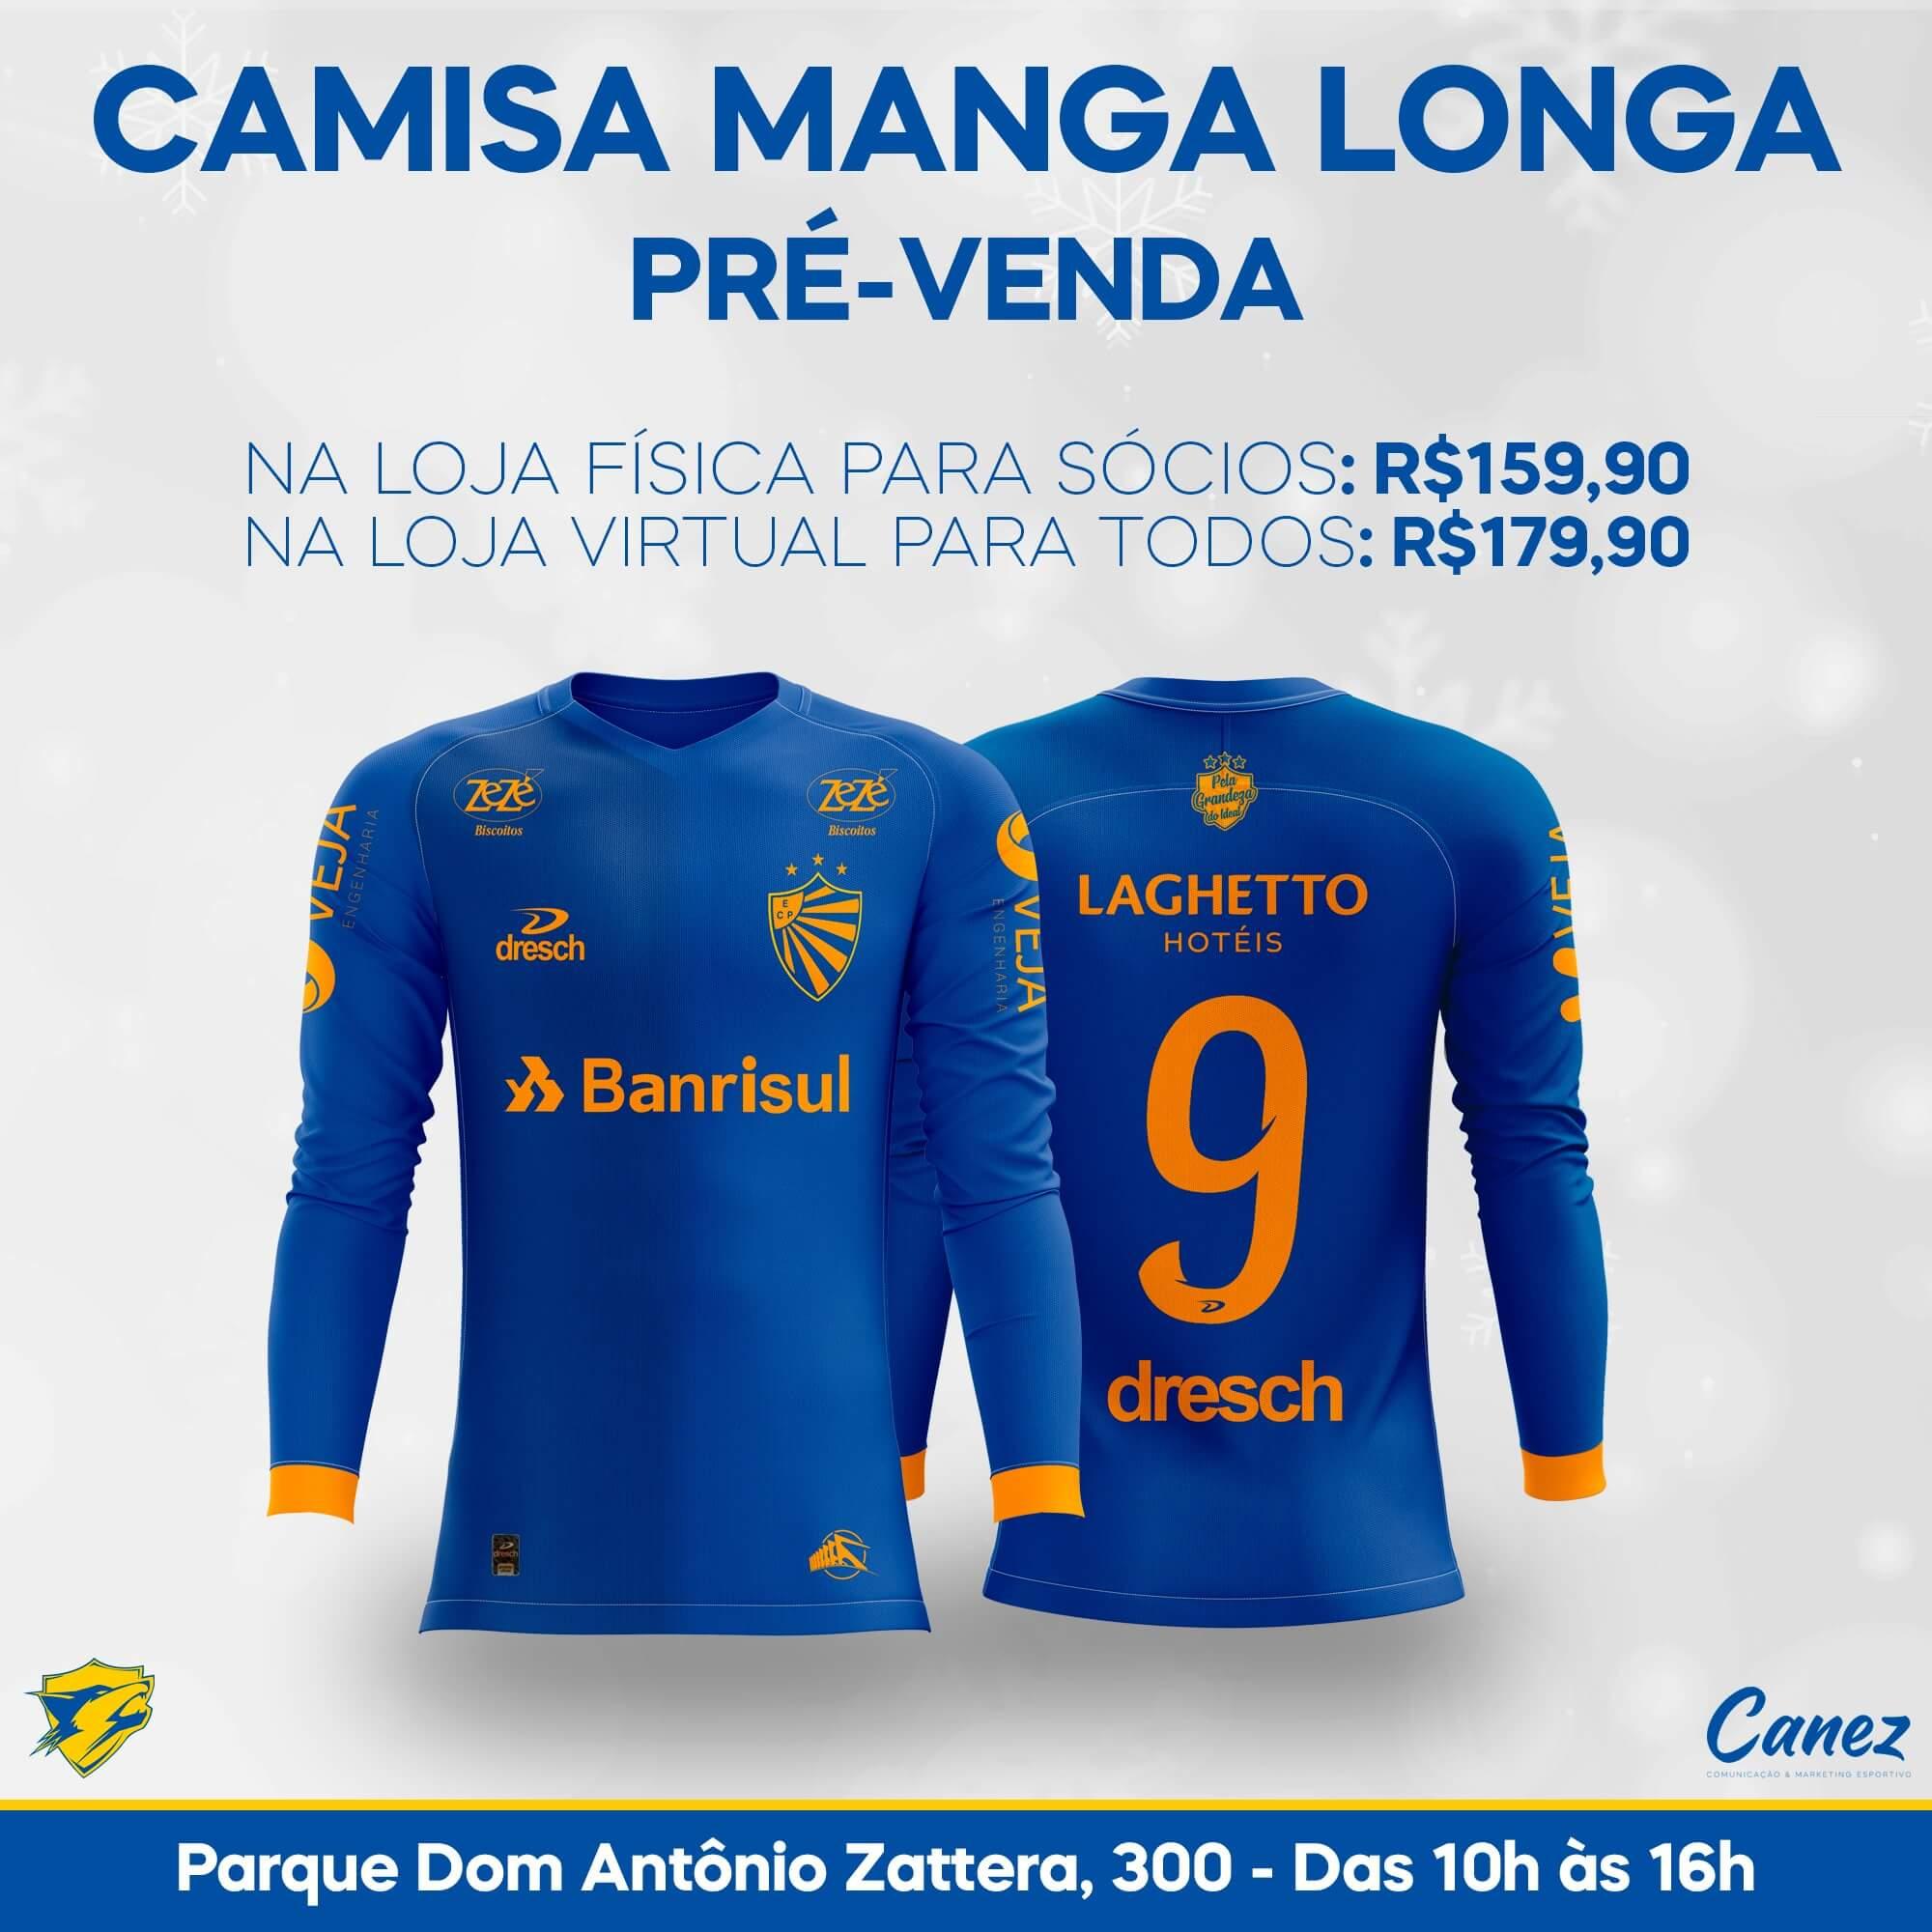 Camisas do EC Pelotas 2020-2021 Dresch